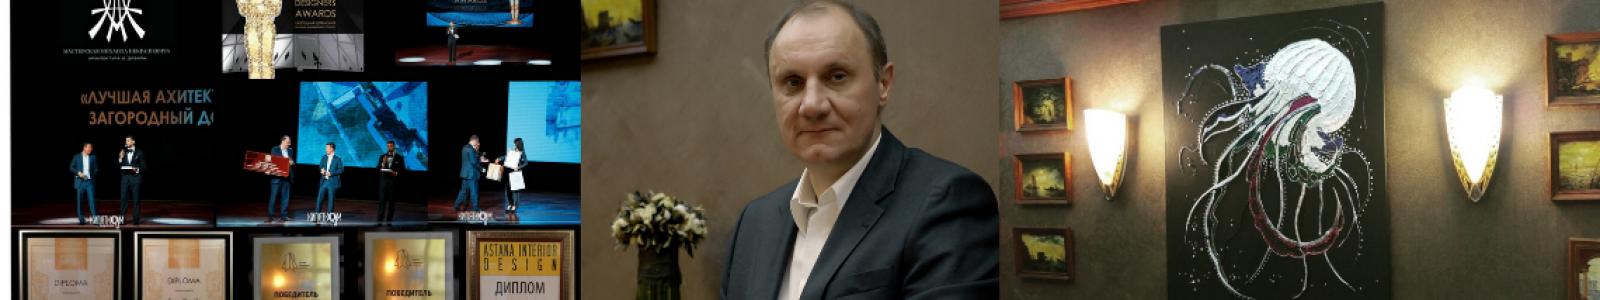 Gallery Designer Mikhail Nekrashevich